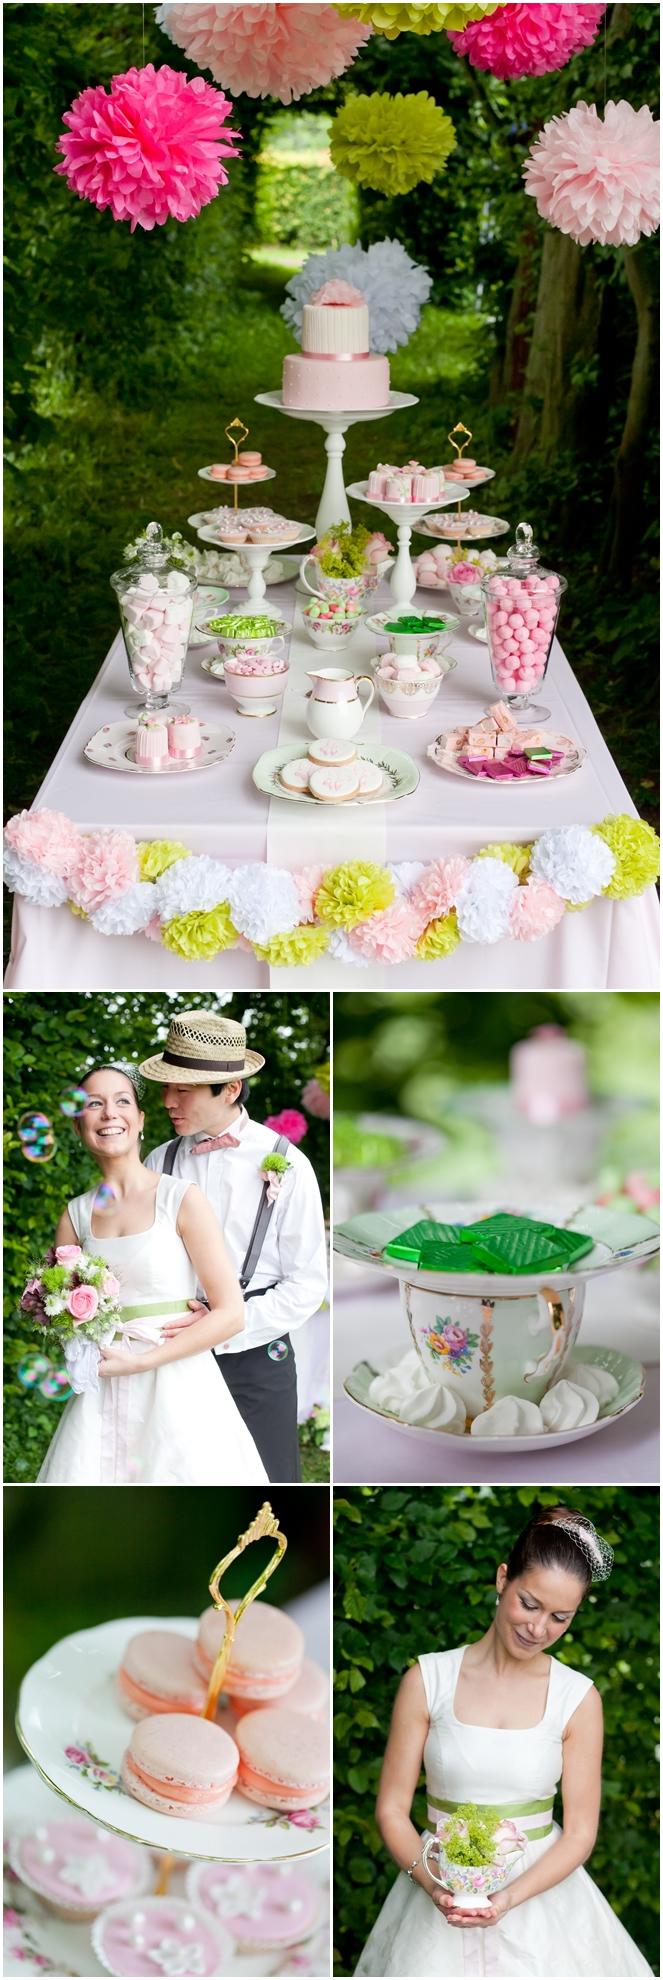 Lieschen und Ruth Vintage-Sweet-Candy-Table